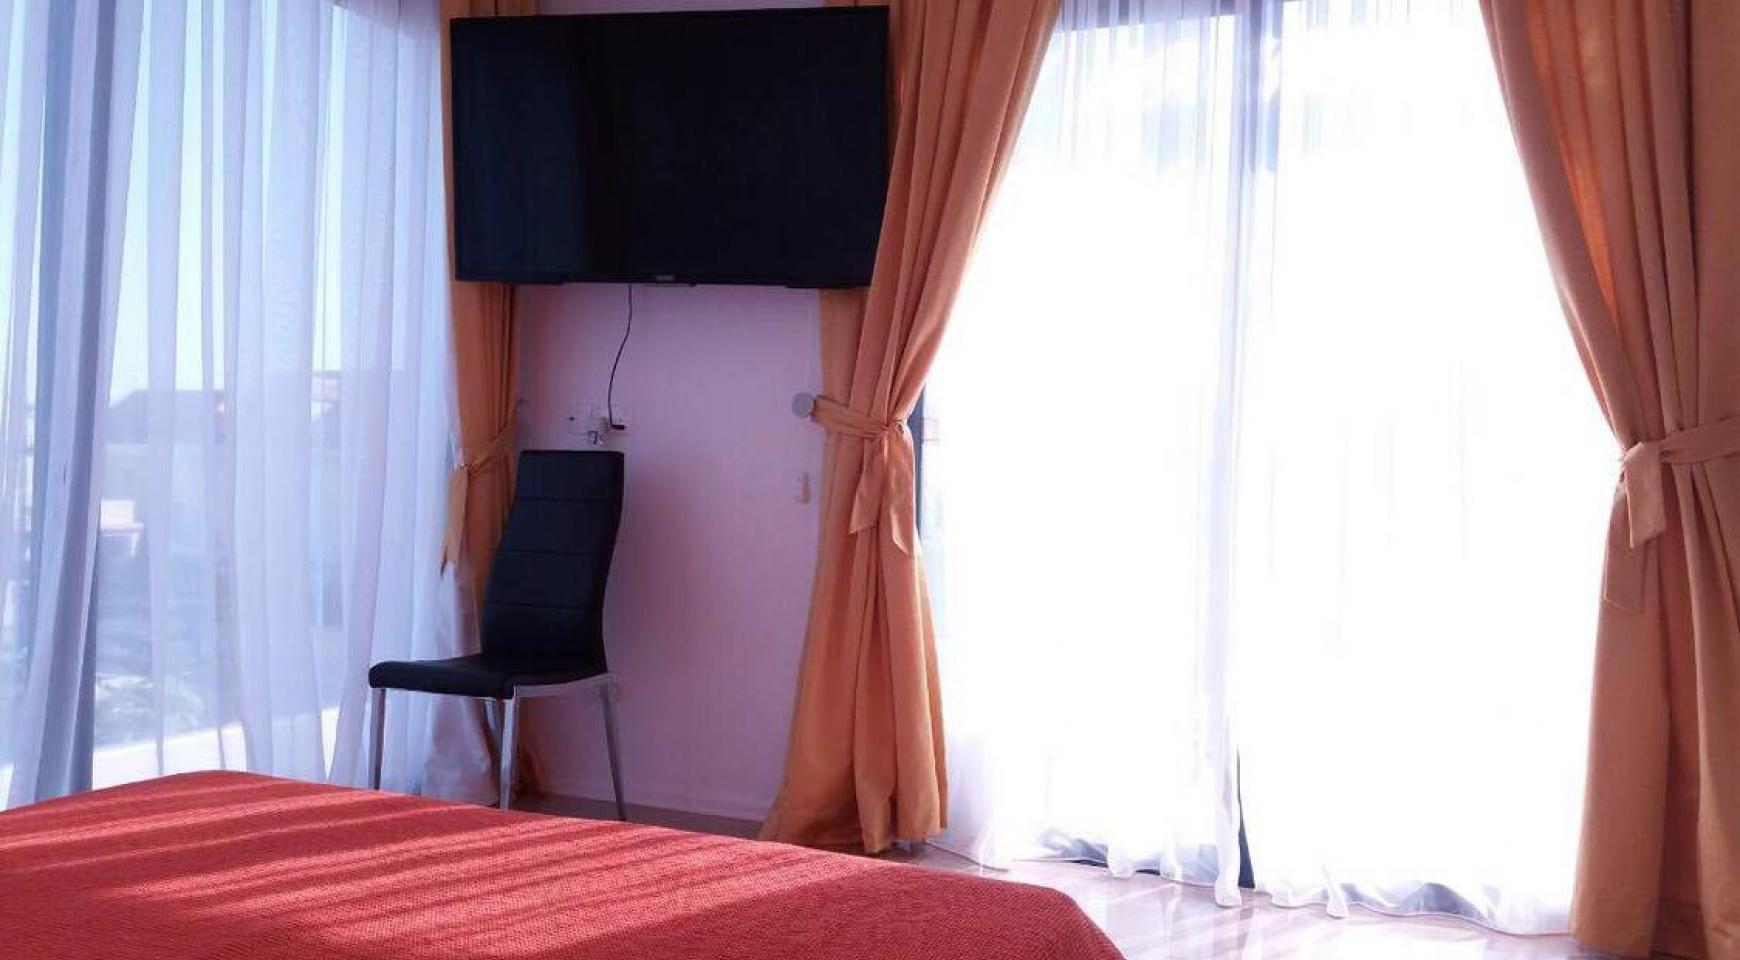 Новая Элитная 3-Спальная Вилла в Закрытом Комплексе возле Моря - 15